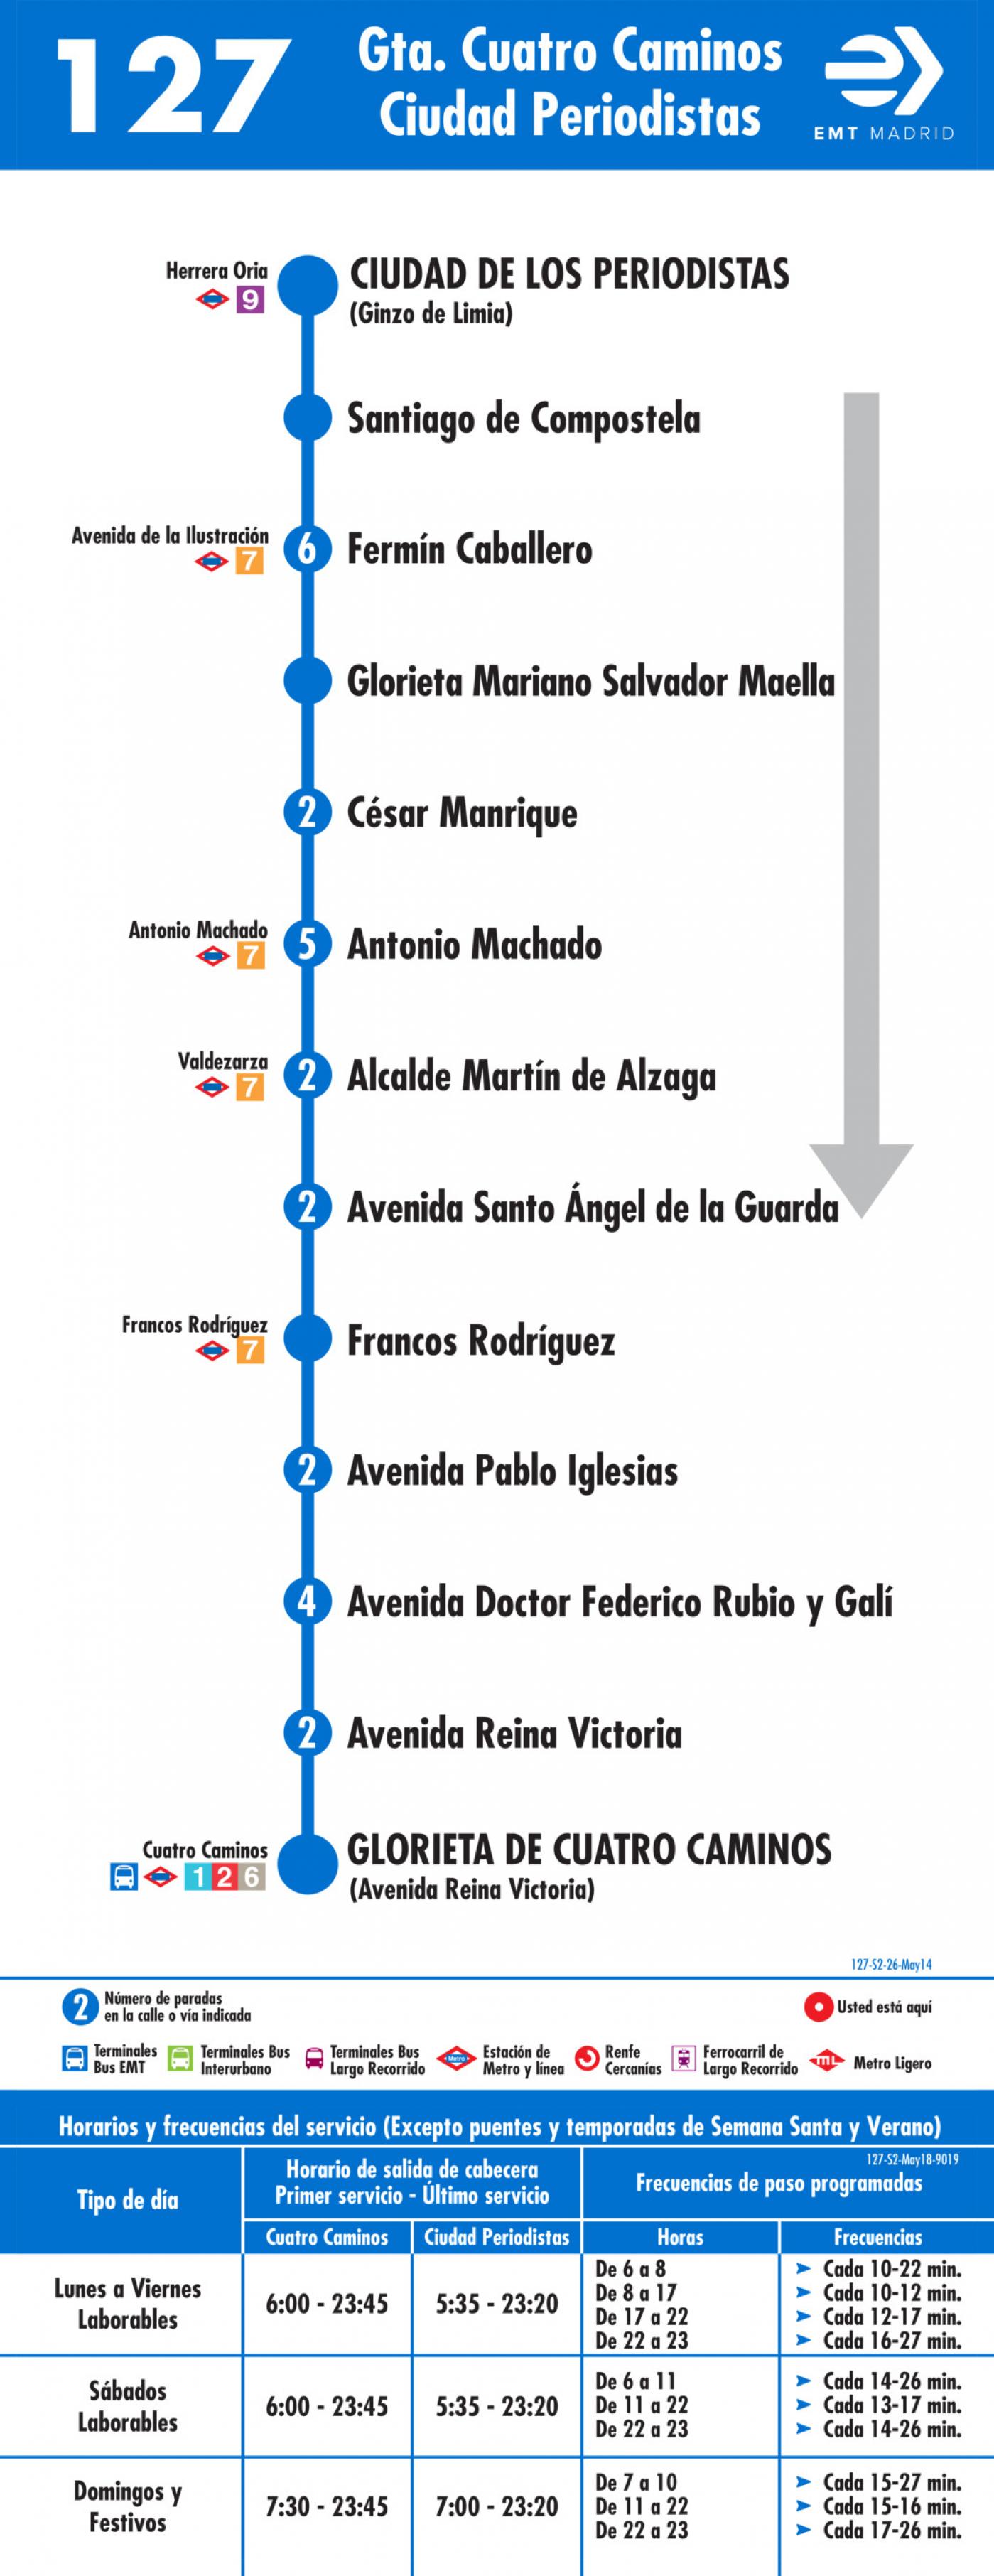 Tabla de horarios y frecuencias de paso en sentido vuelta Línea 127: Glorieta de Cuatro Caminos - Ciudad de los Periodistas